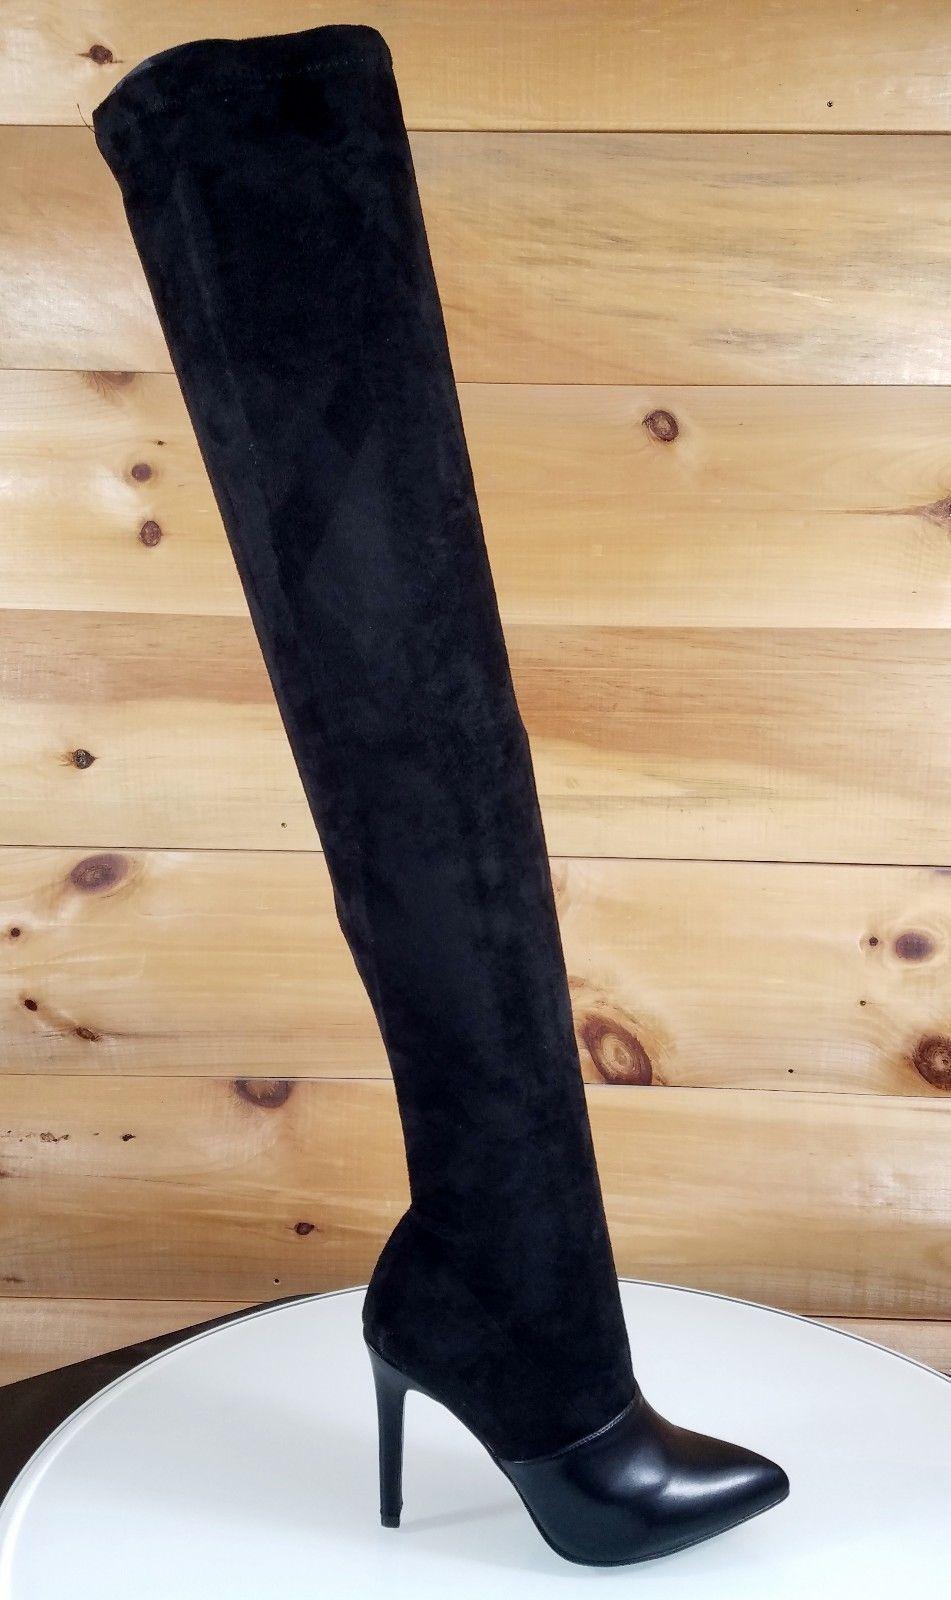 b7d1cd8b8c Mac J Black Soft Vegan Suede Pointy Toe Stocking High Heel Thigh High Boots  7-11